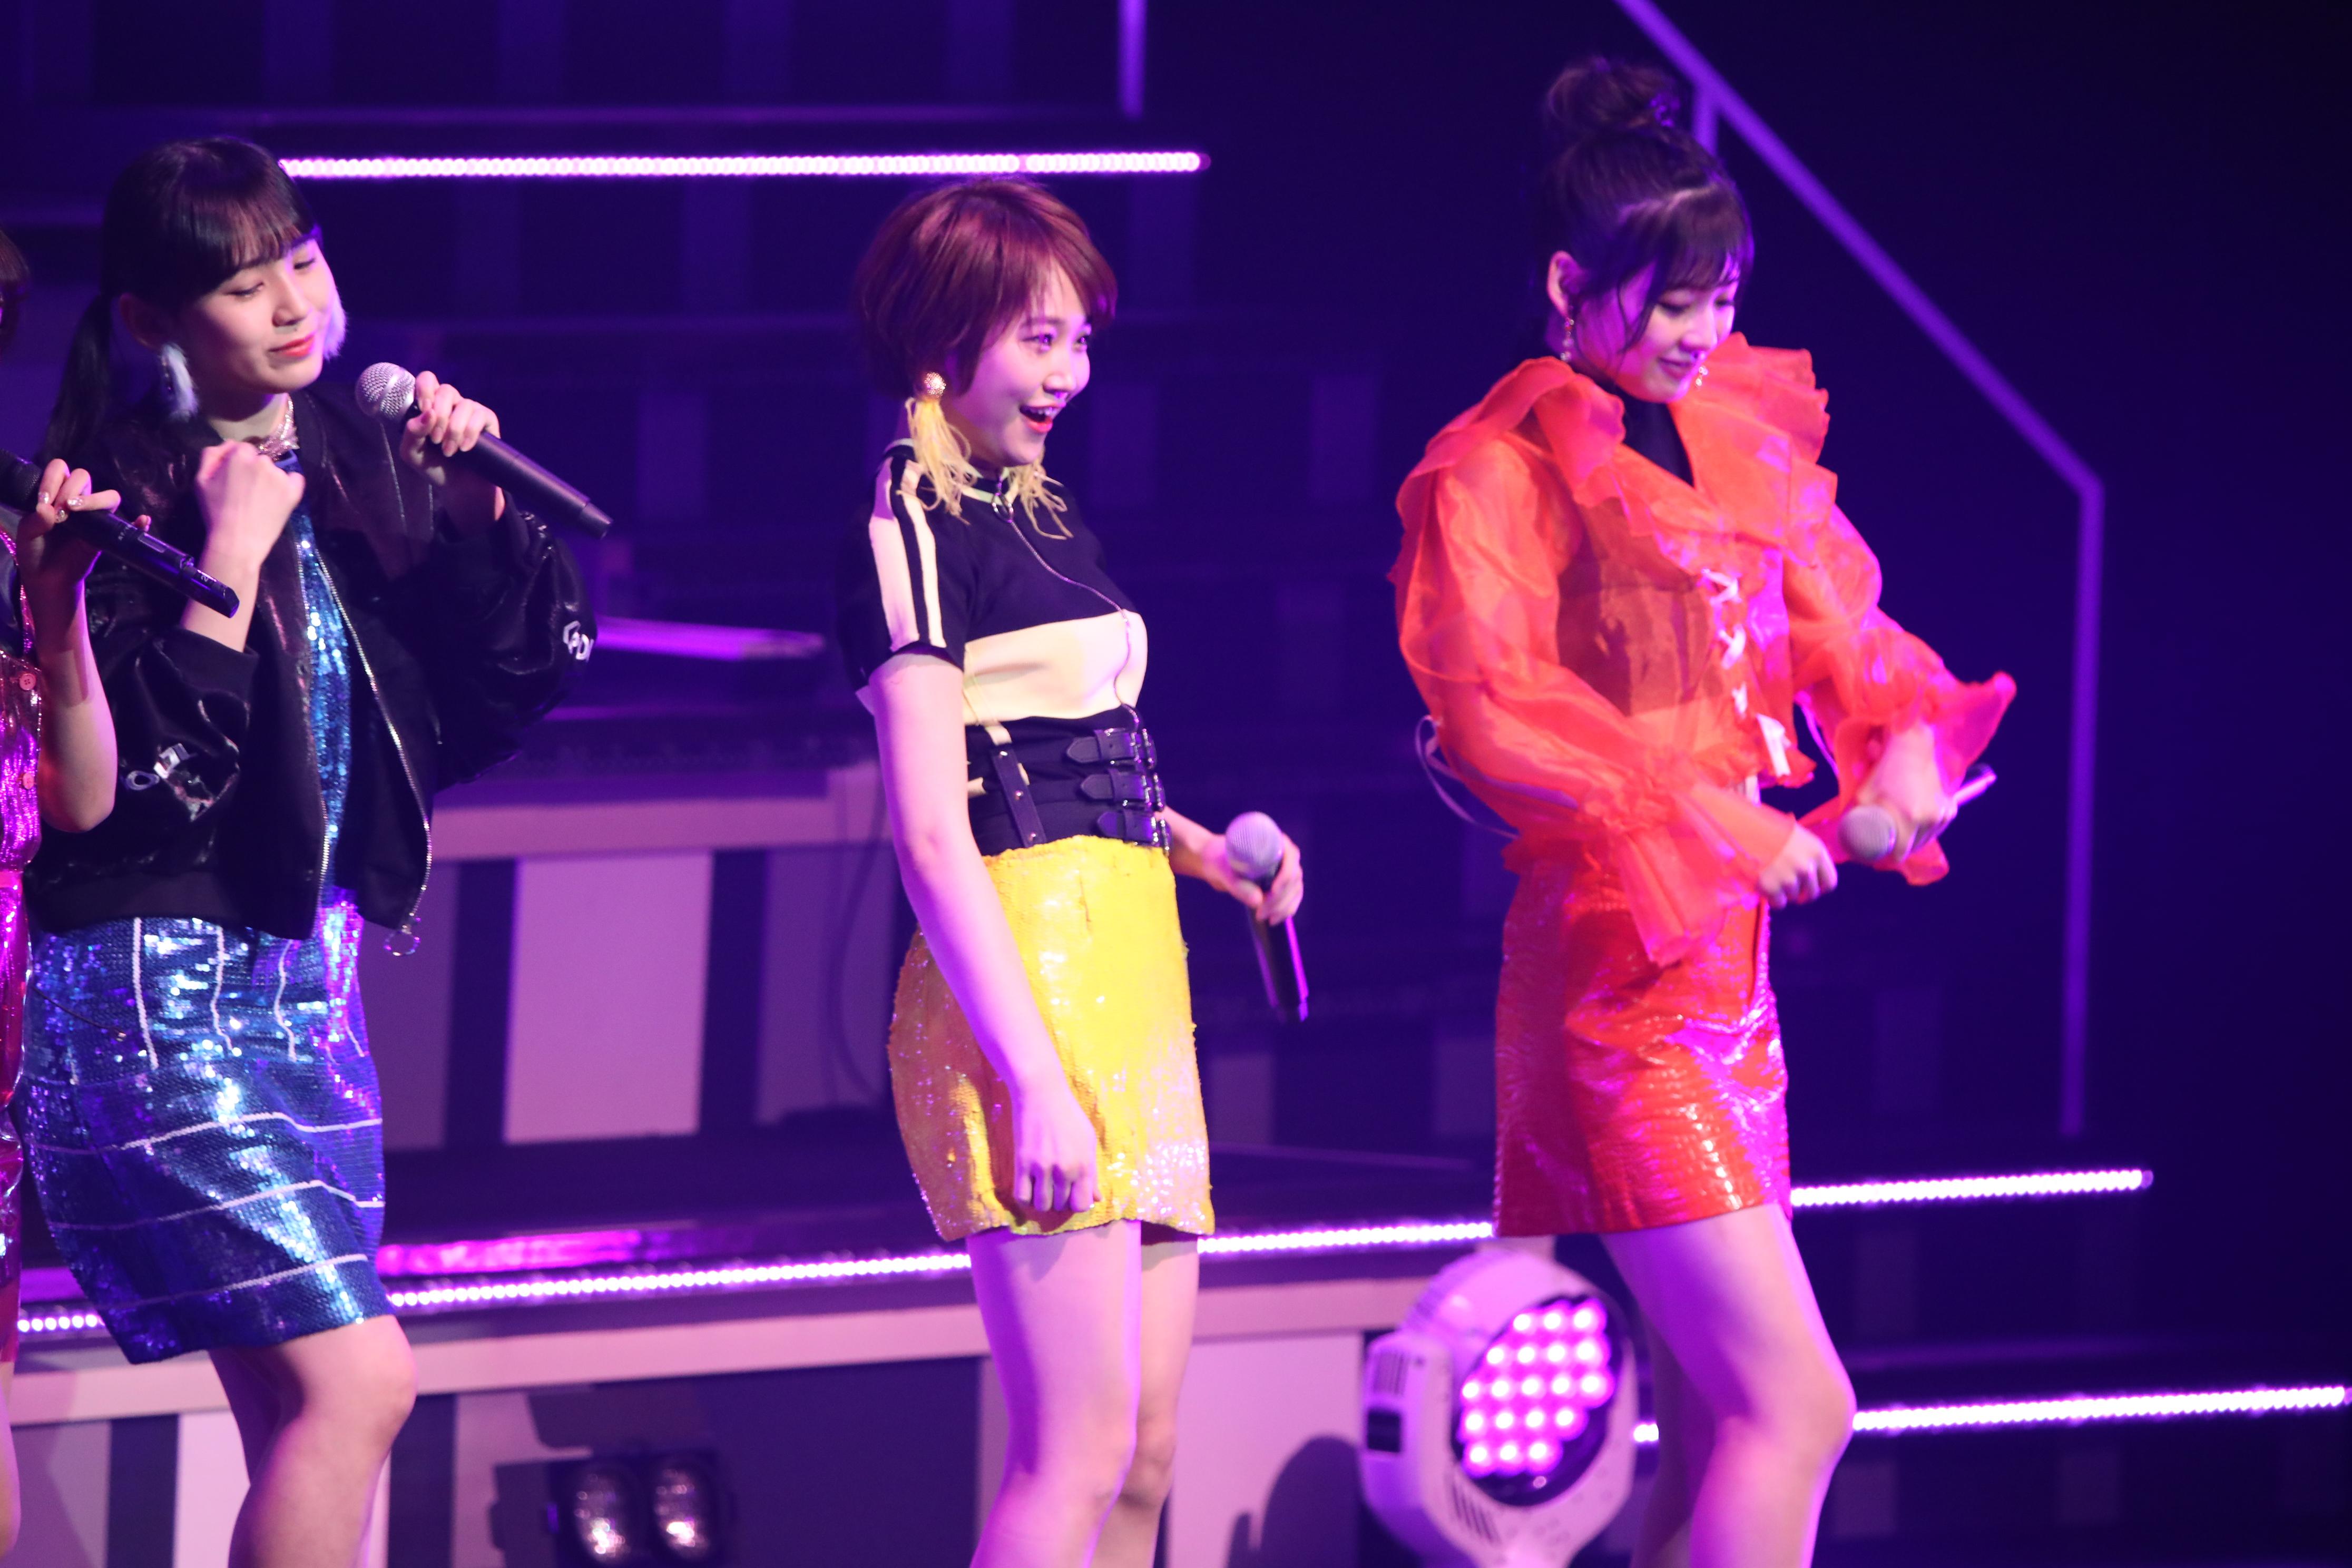 リクアワで『わかりやすくてごめん』を披露するPRODUCE48選抜メンバー